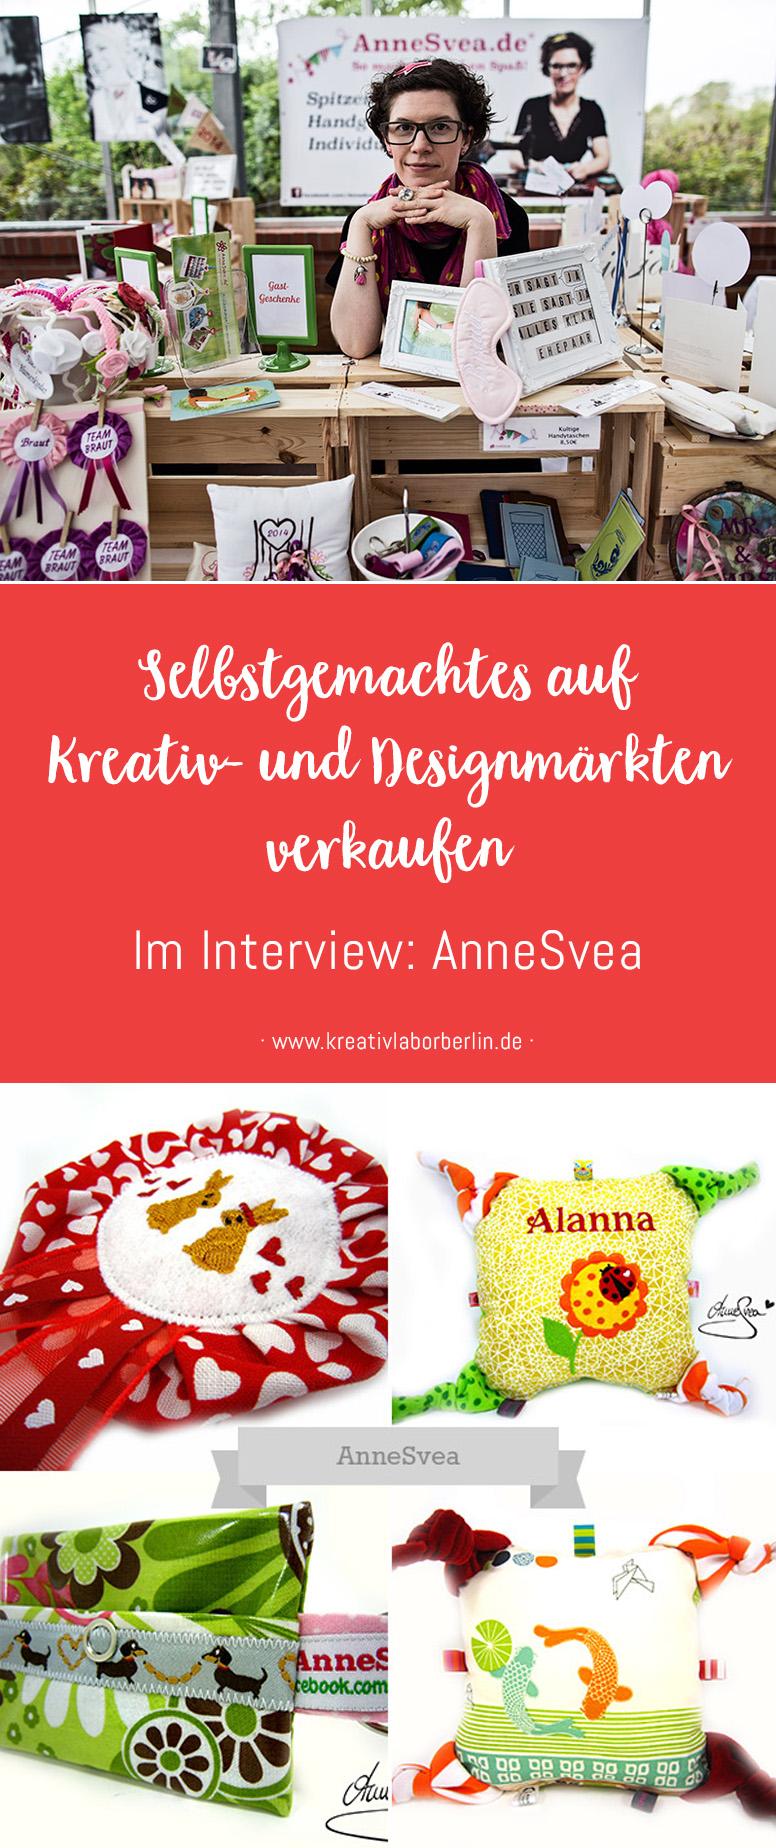 Selbstgemachtes auf Kreativ- und Designmärkten verkaufen: AnneSvea